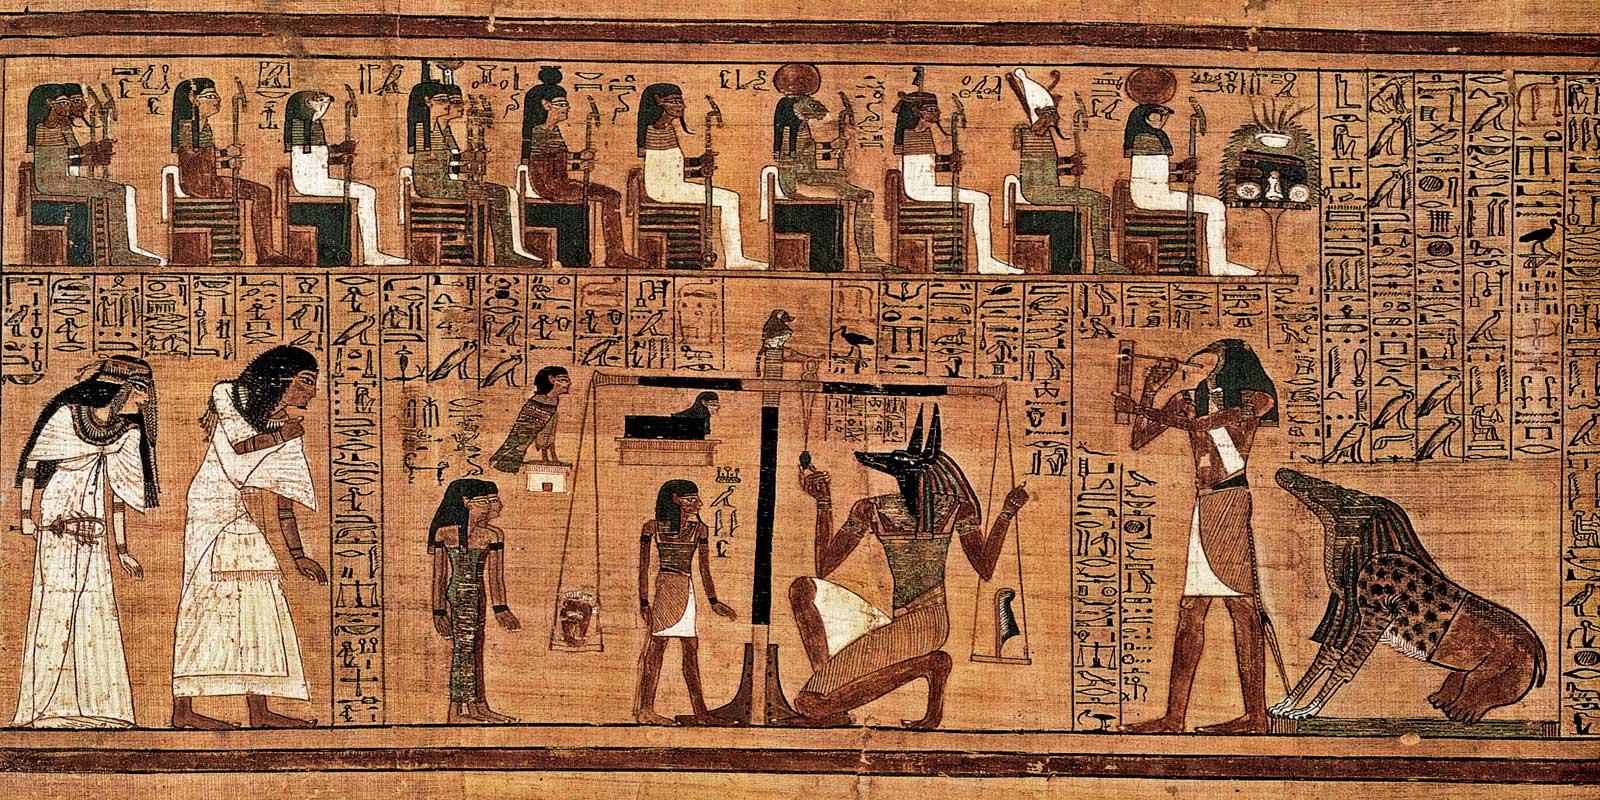 OCOA_TRAVEL_EGYPTO_2021_24